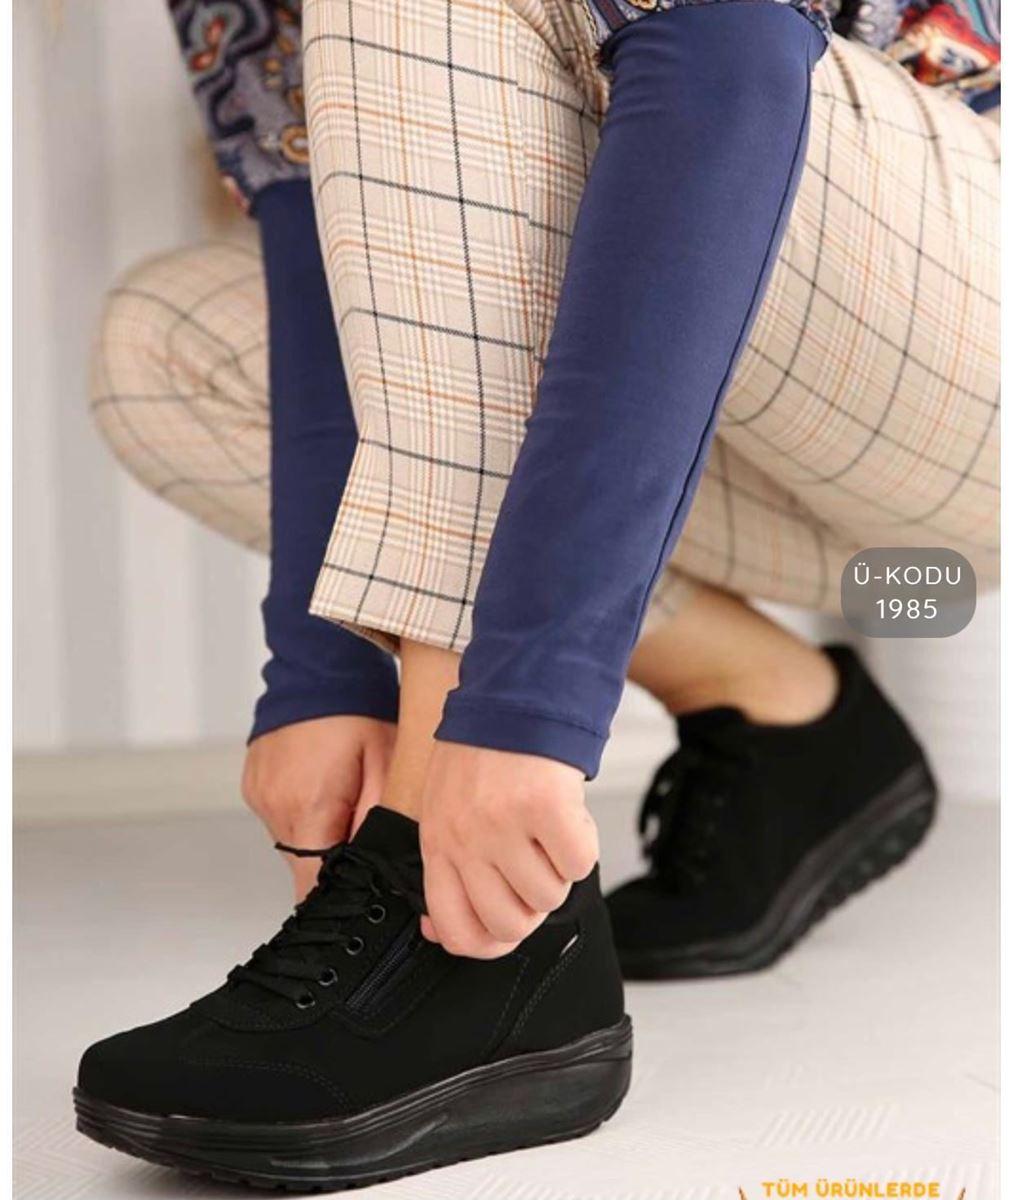 Pilla Siyah Fermuarlı Kadın Ayakkabı resmi